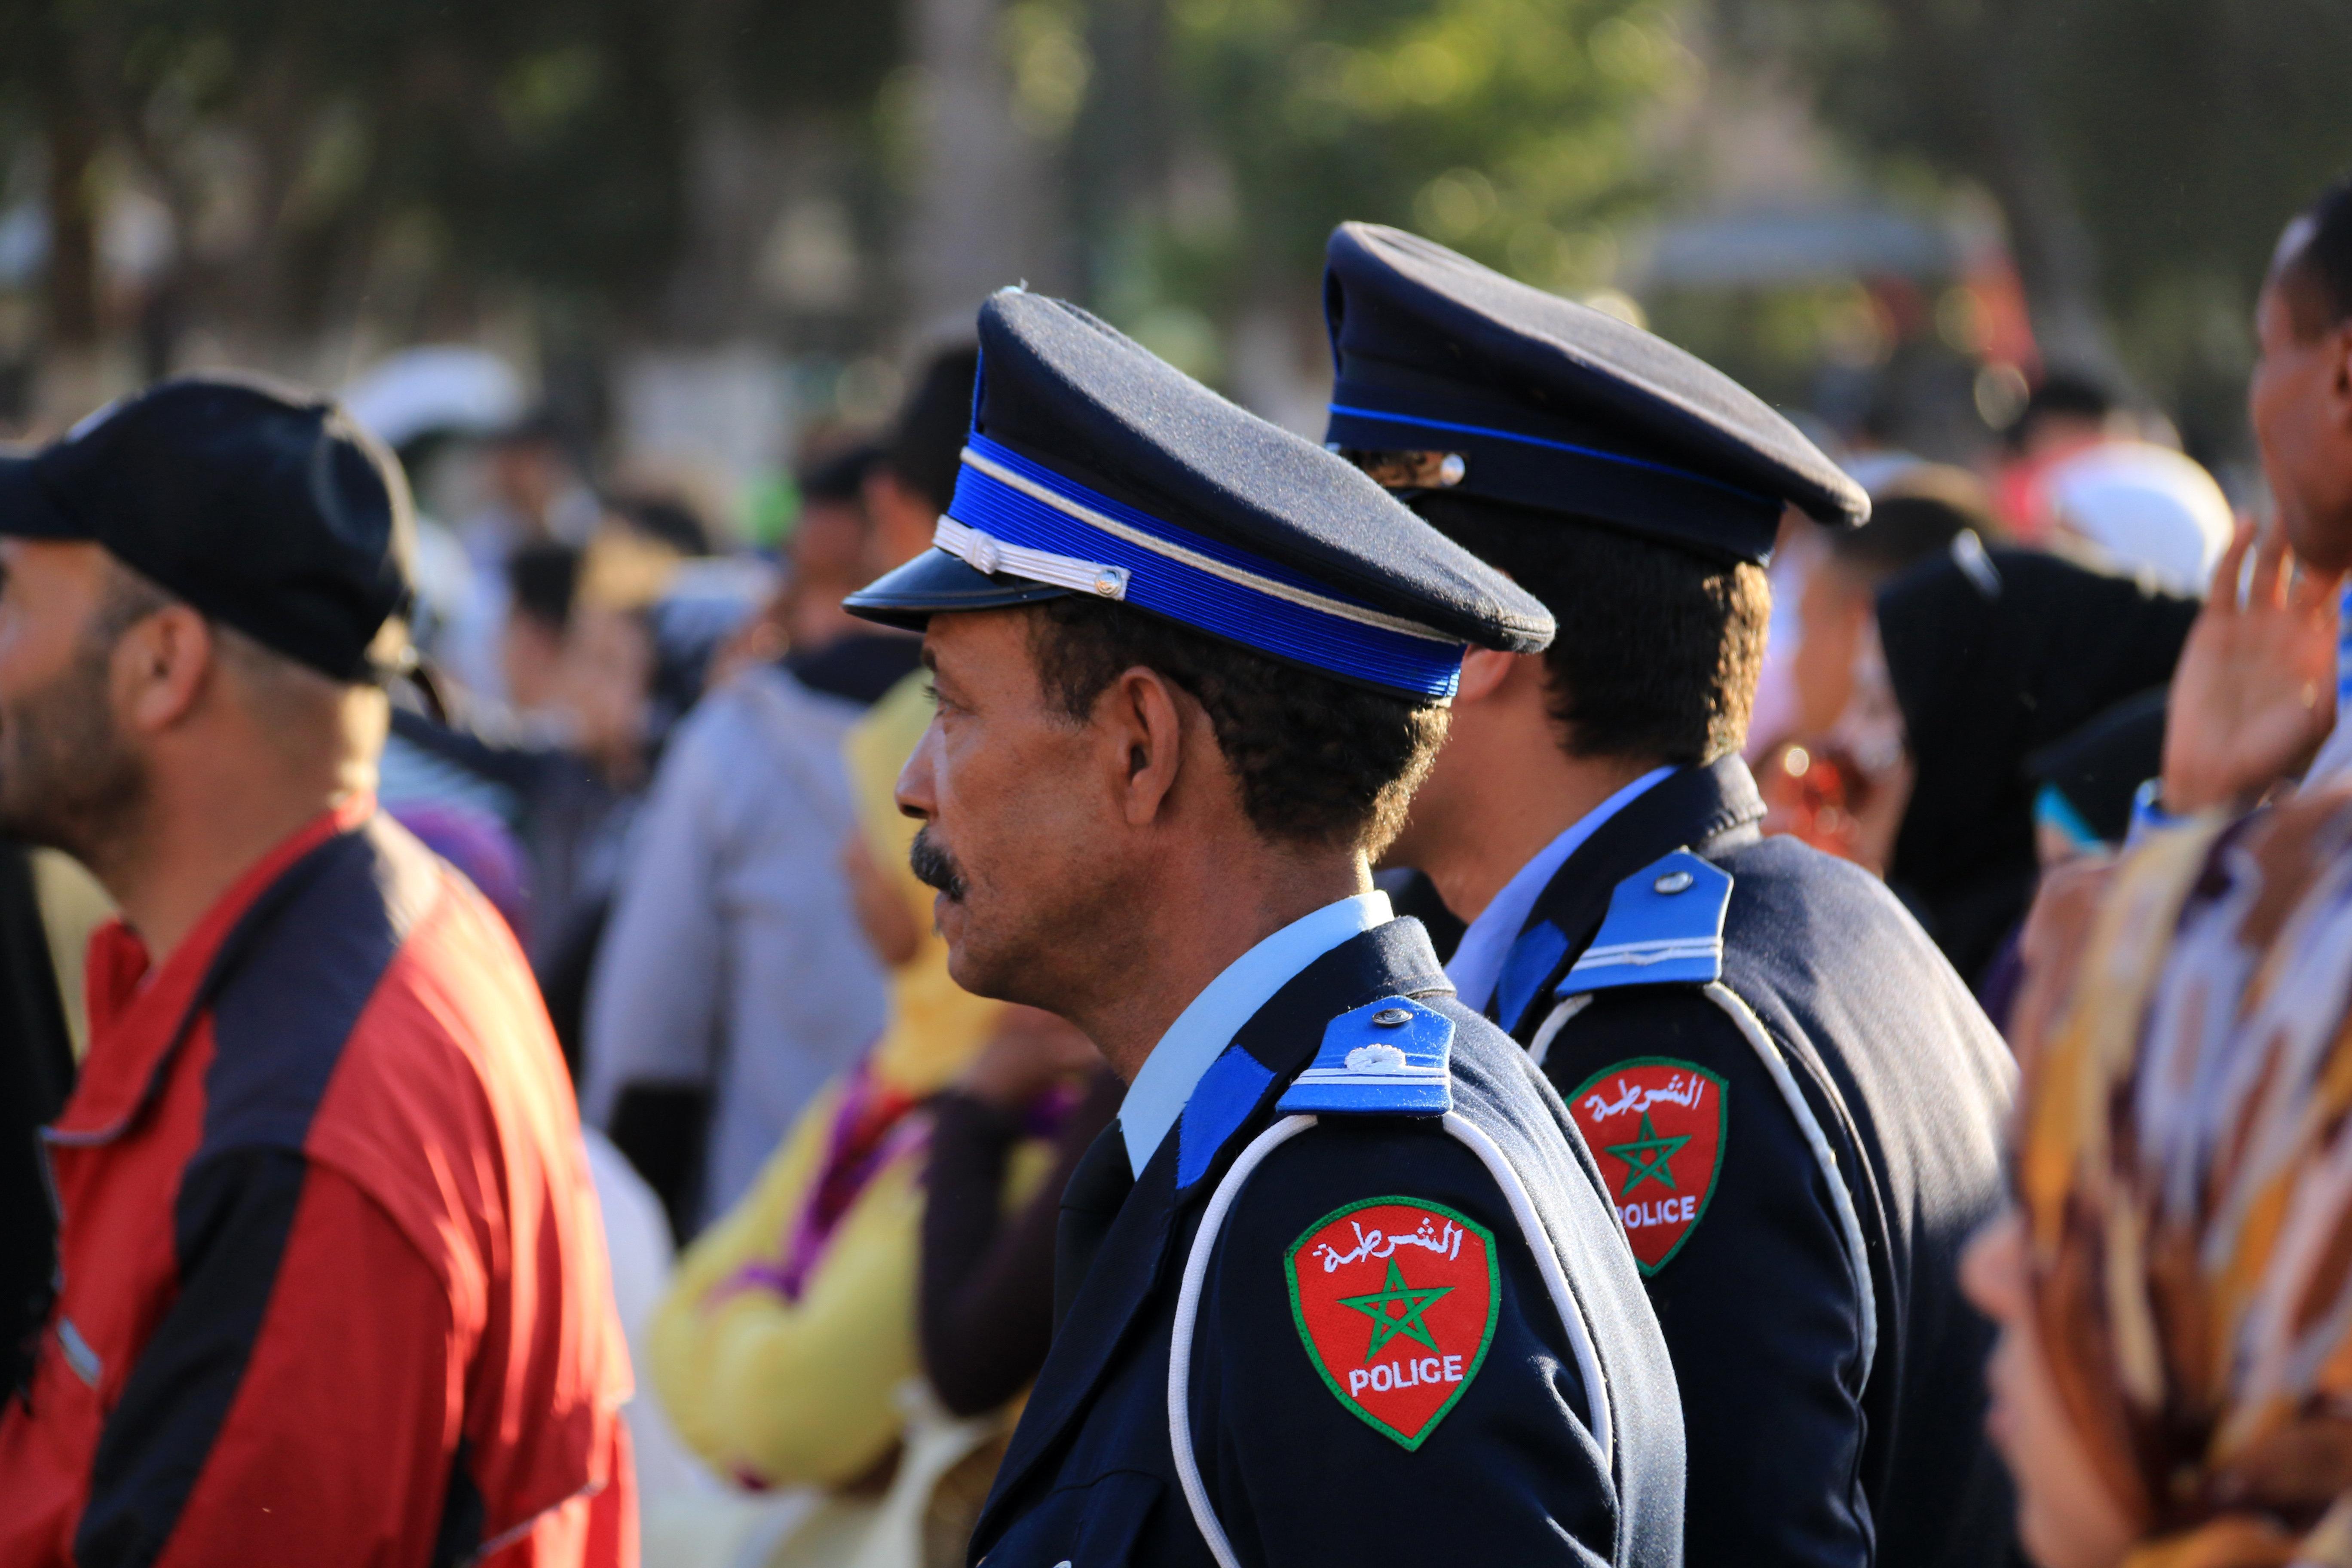 Taza: Un policier soupçonné de corruption visé par une enquête